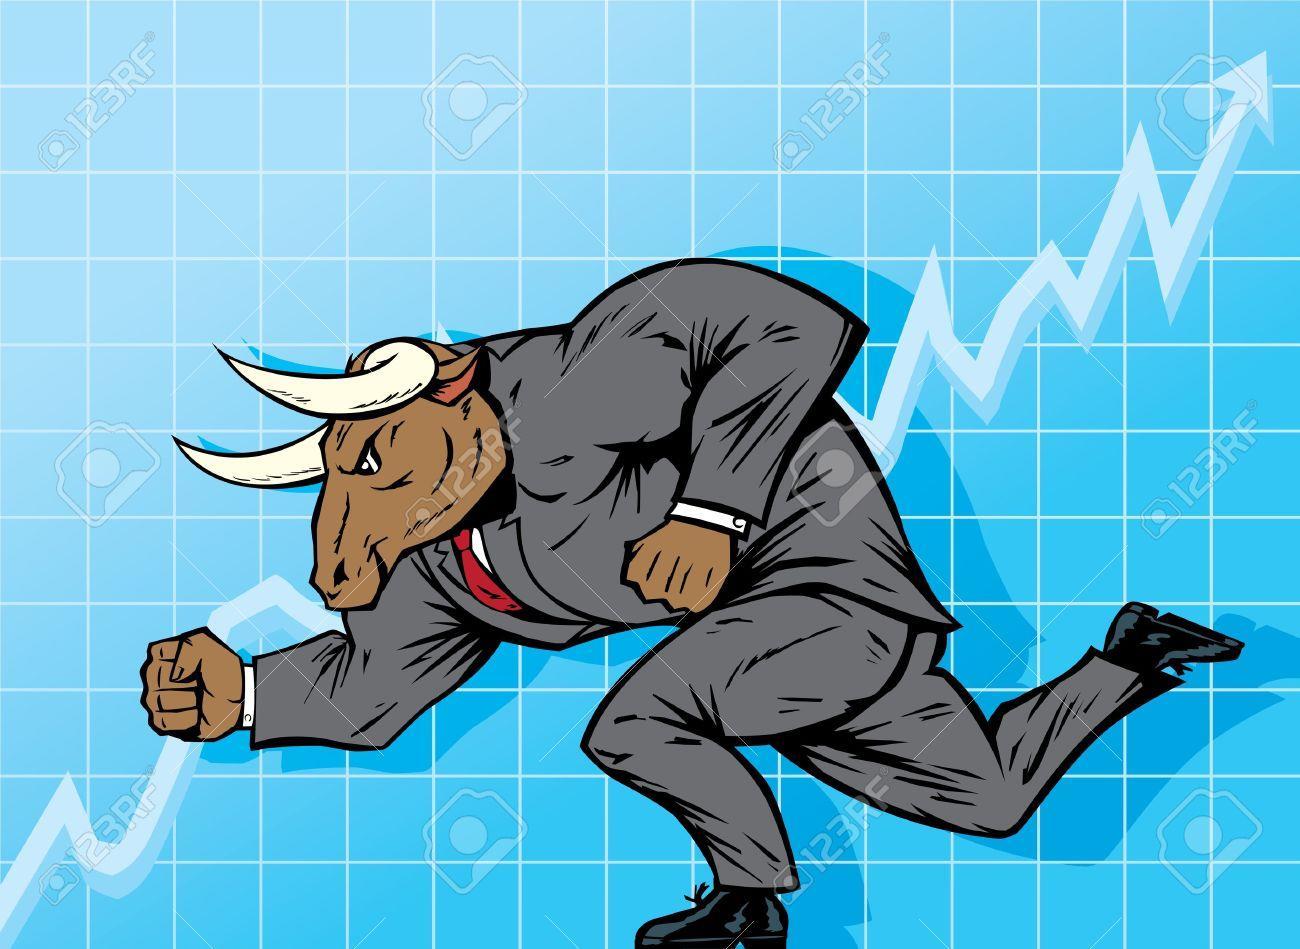 Nhận định thị trường ngày 21/5: 'Có động lực để tăng tiếp'